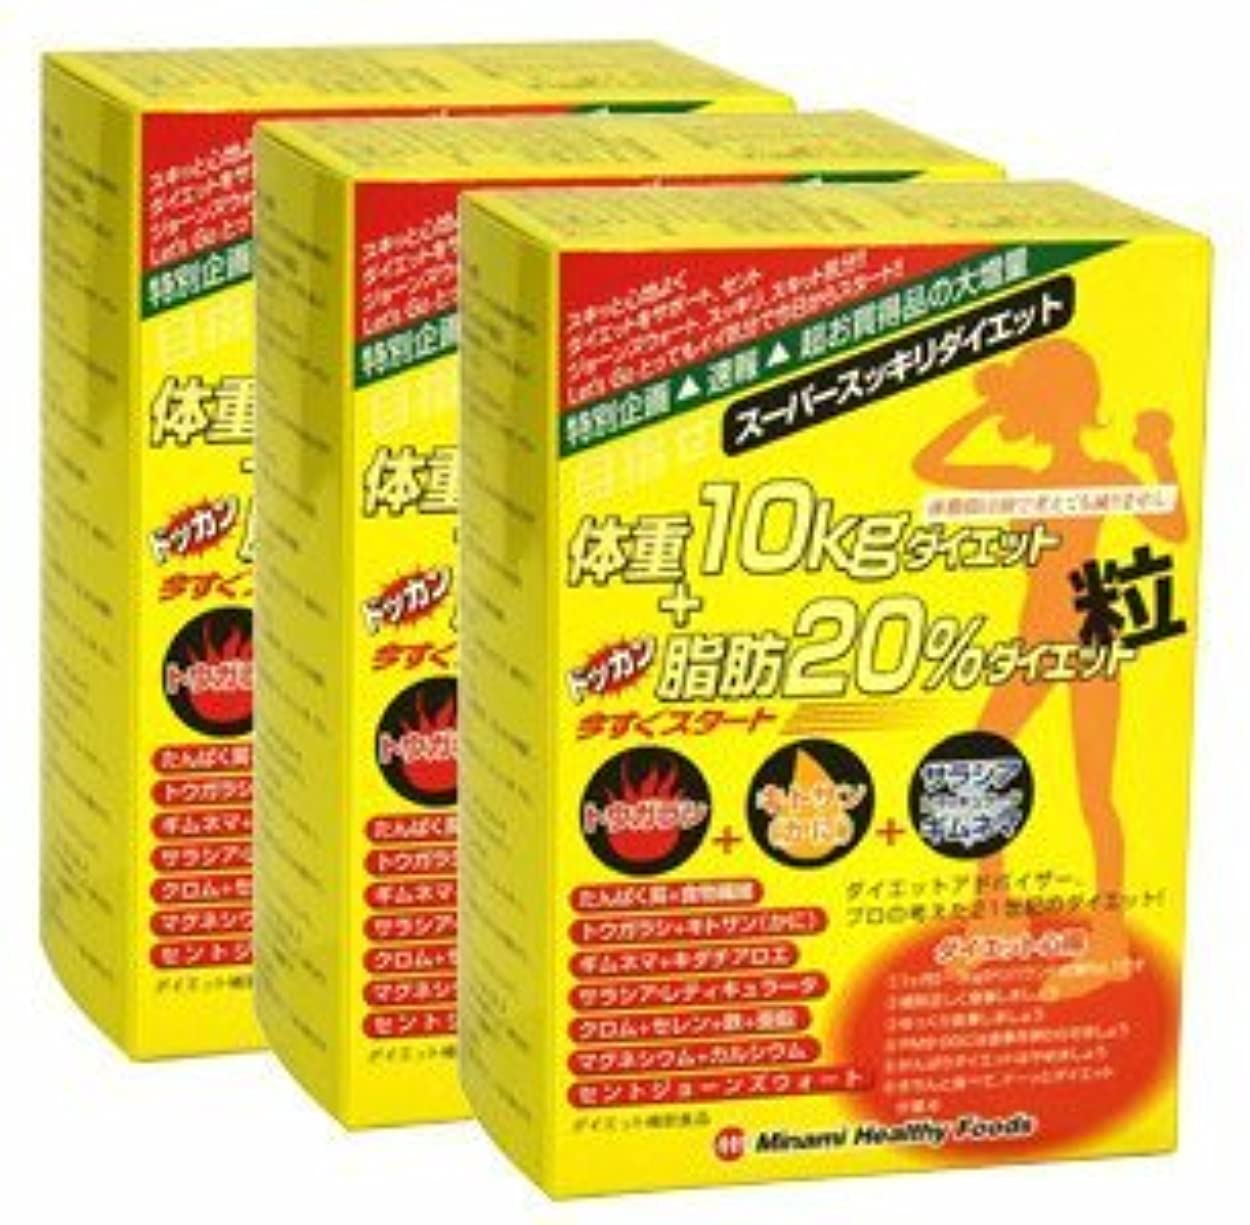 口ひげオール問題目指せ体重10kg+ドッカン脂肪20%ダイエット粒【3箱セット】ミナミヘルシーフーズ